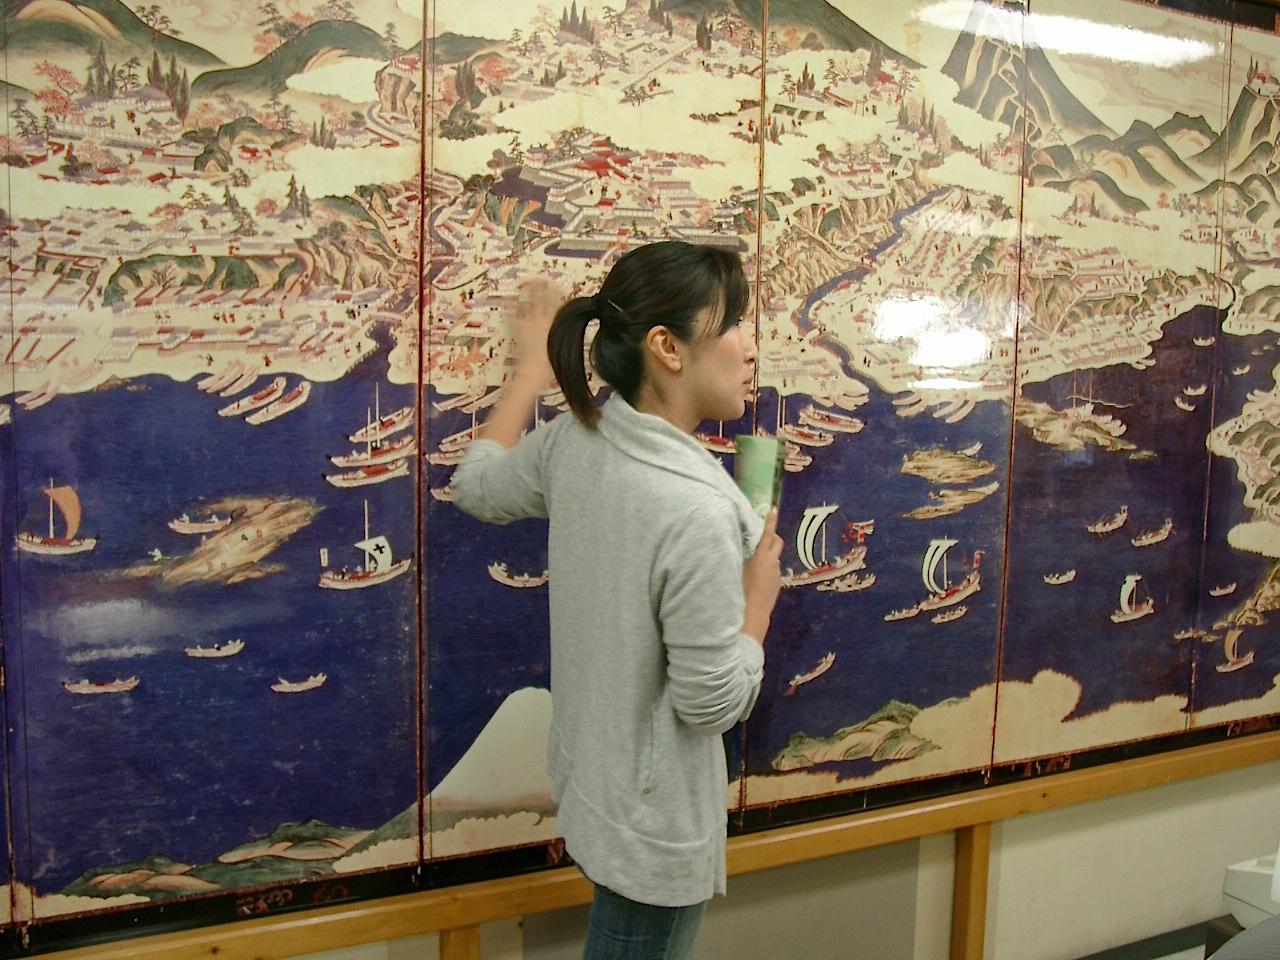 温泉旅館矢野に展示される松前屏風図(レプリカ)を解説する若女将の杉本夏子さん